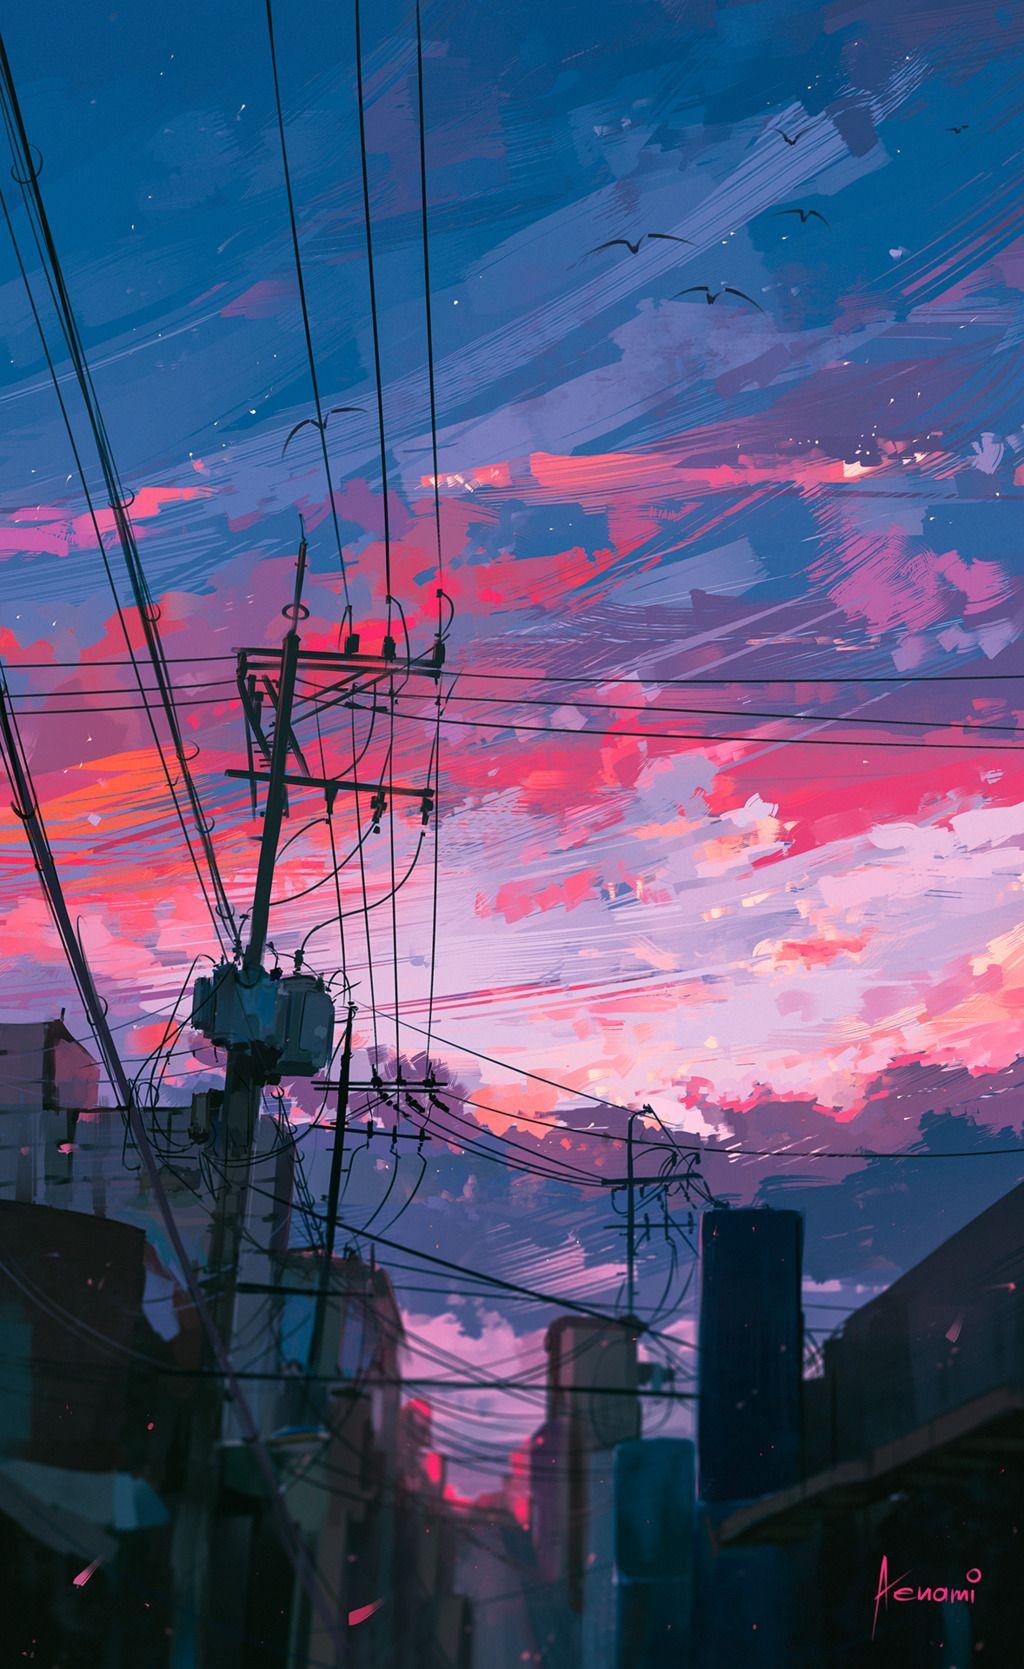 Knightofleo Alena Velichko Anime Scenery Wallpaper Anime Scenery Scenery Wallpaper